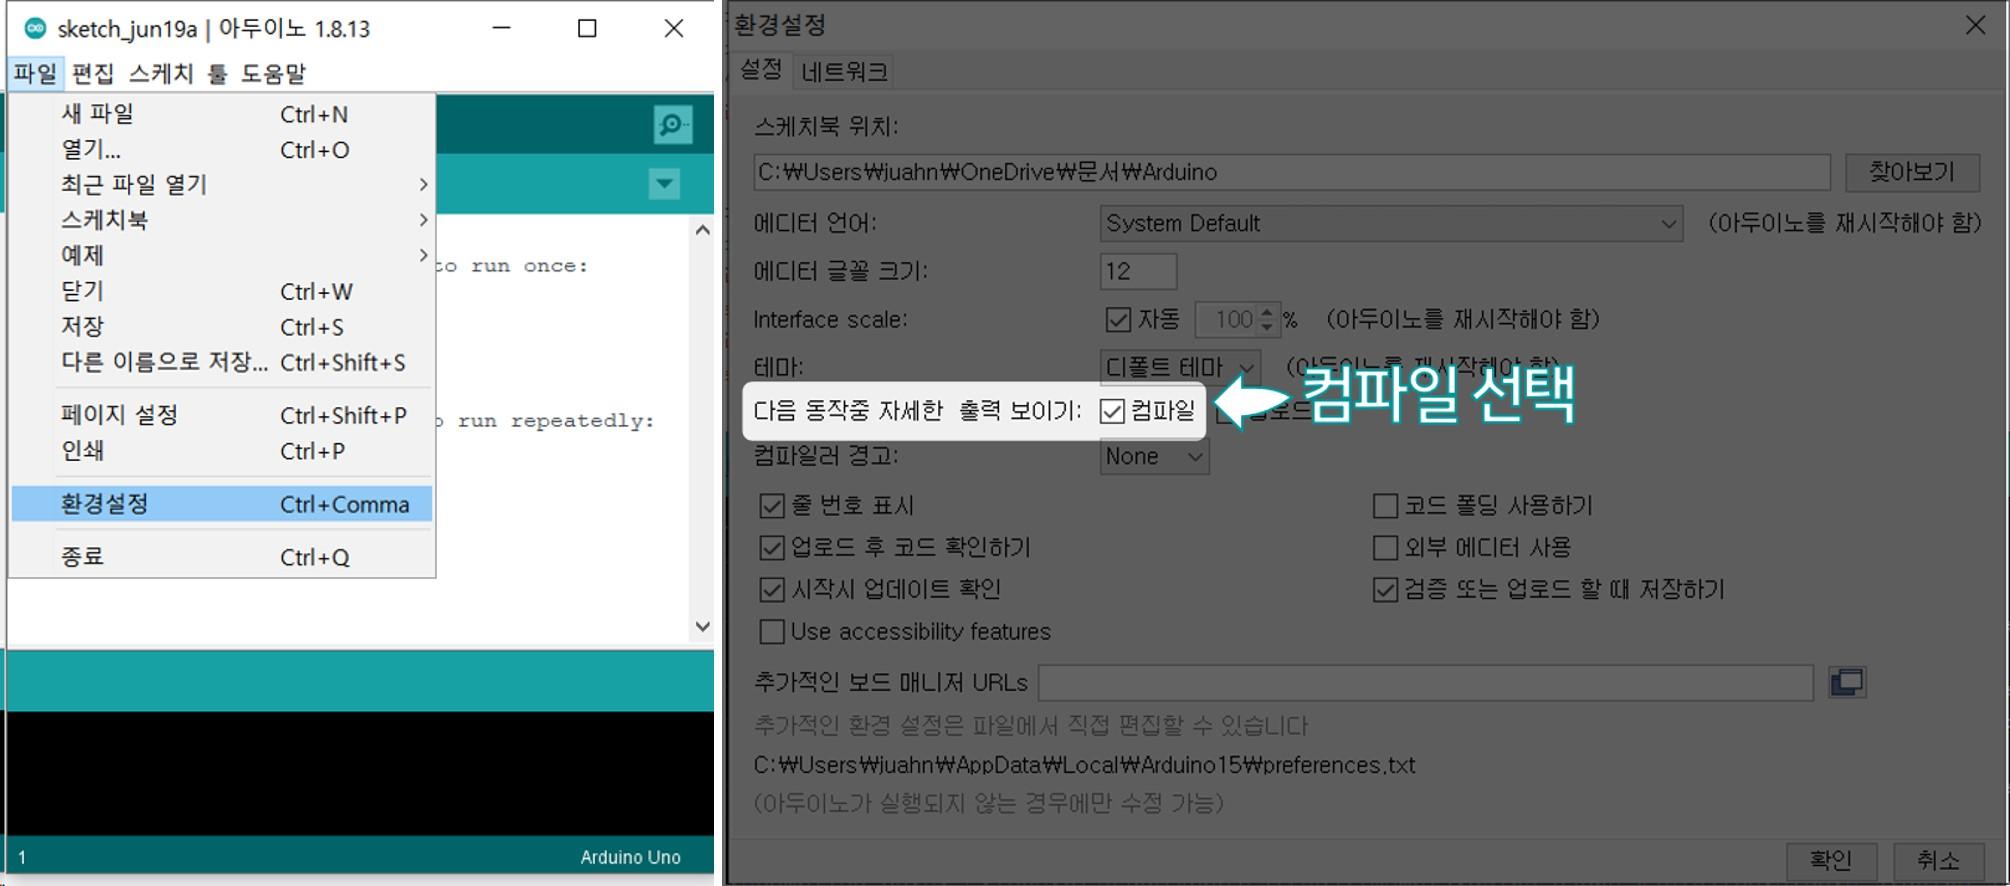 아두이노 컴파일 자세한 출력 보이기 설정